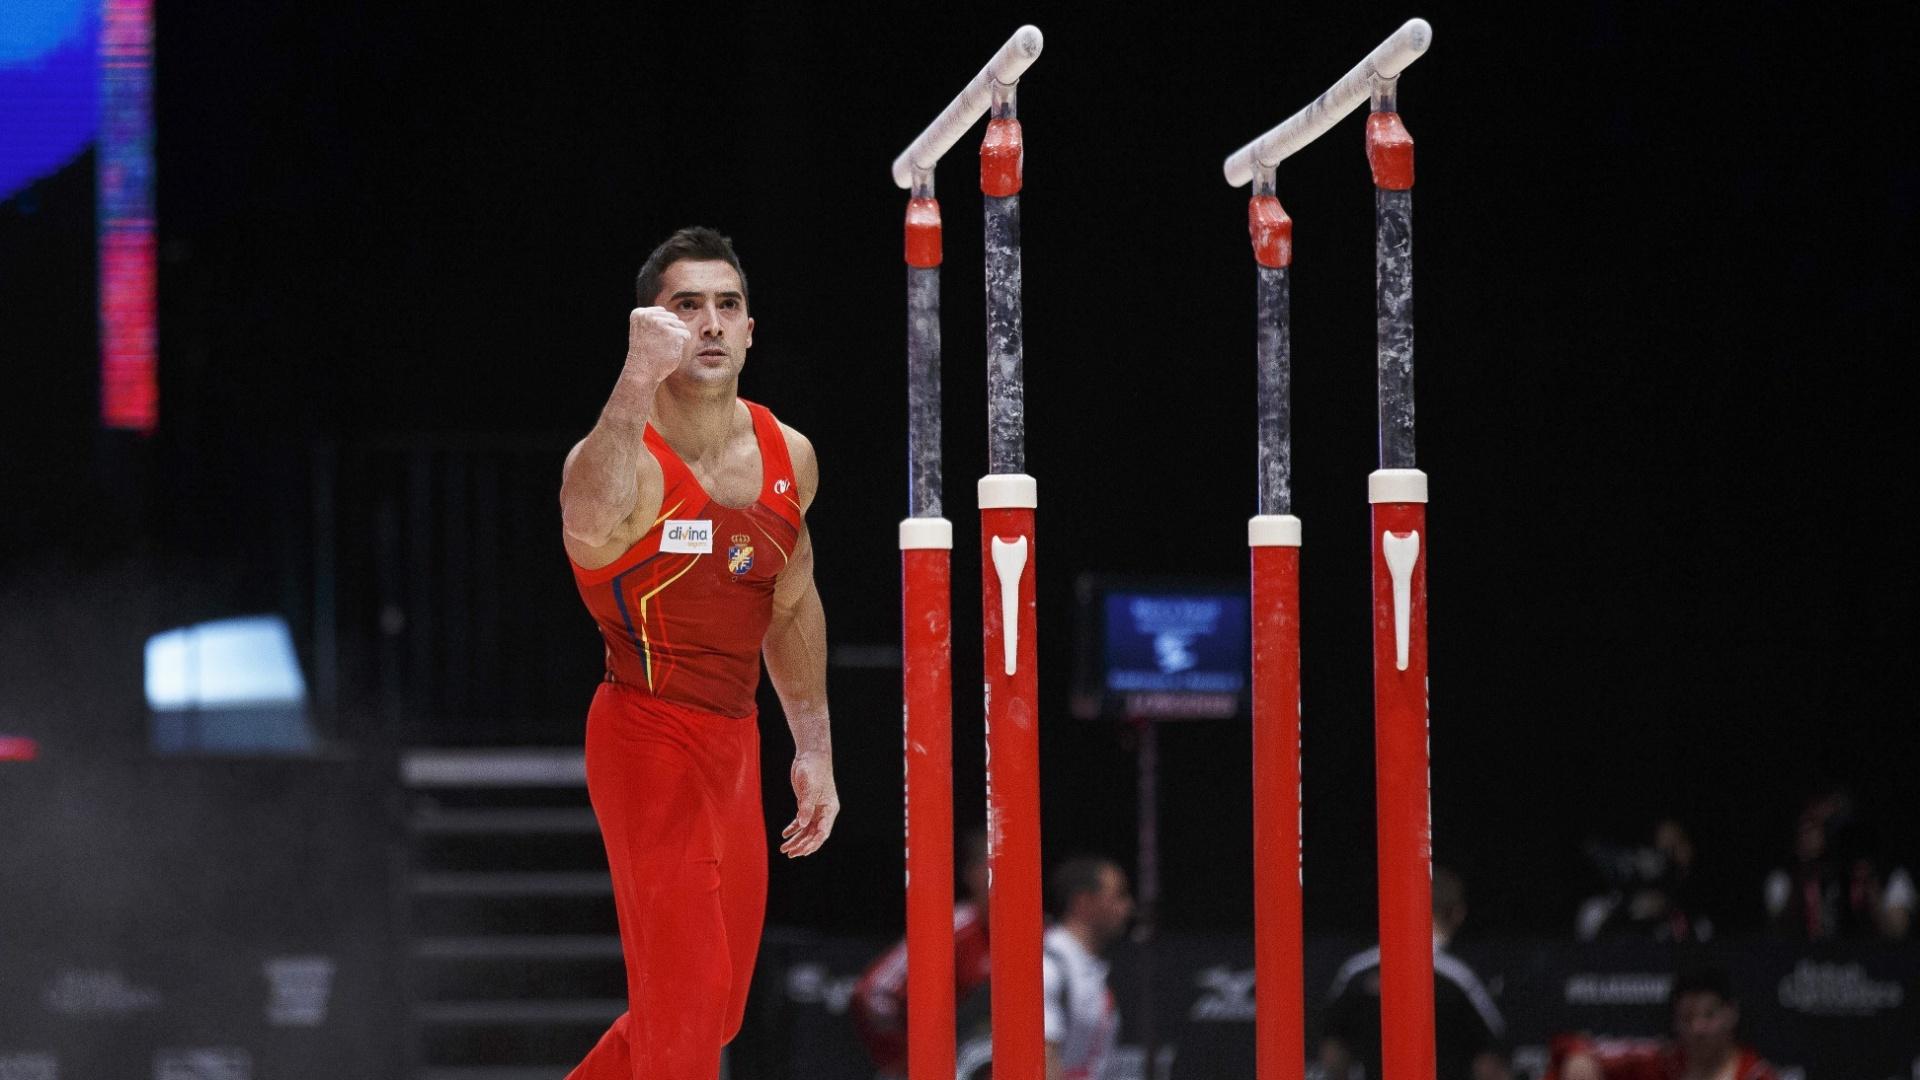 Rubén López, da Espanha, comemora após sua apresentação nas barras paralelas no Mundial de ginástica artística